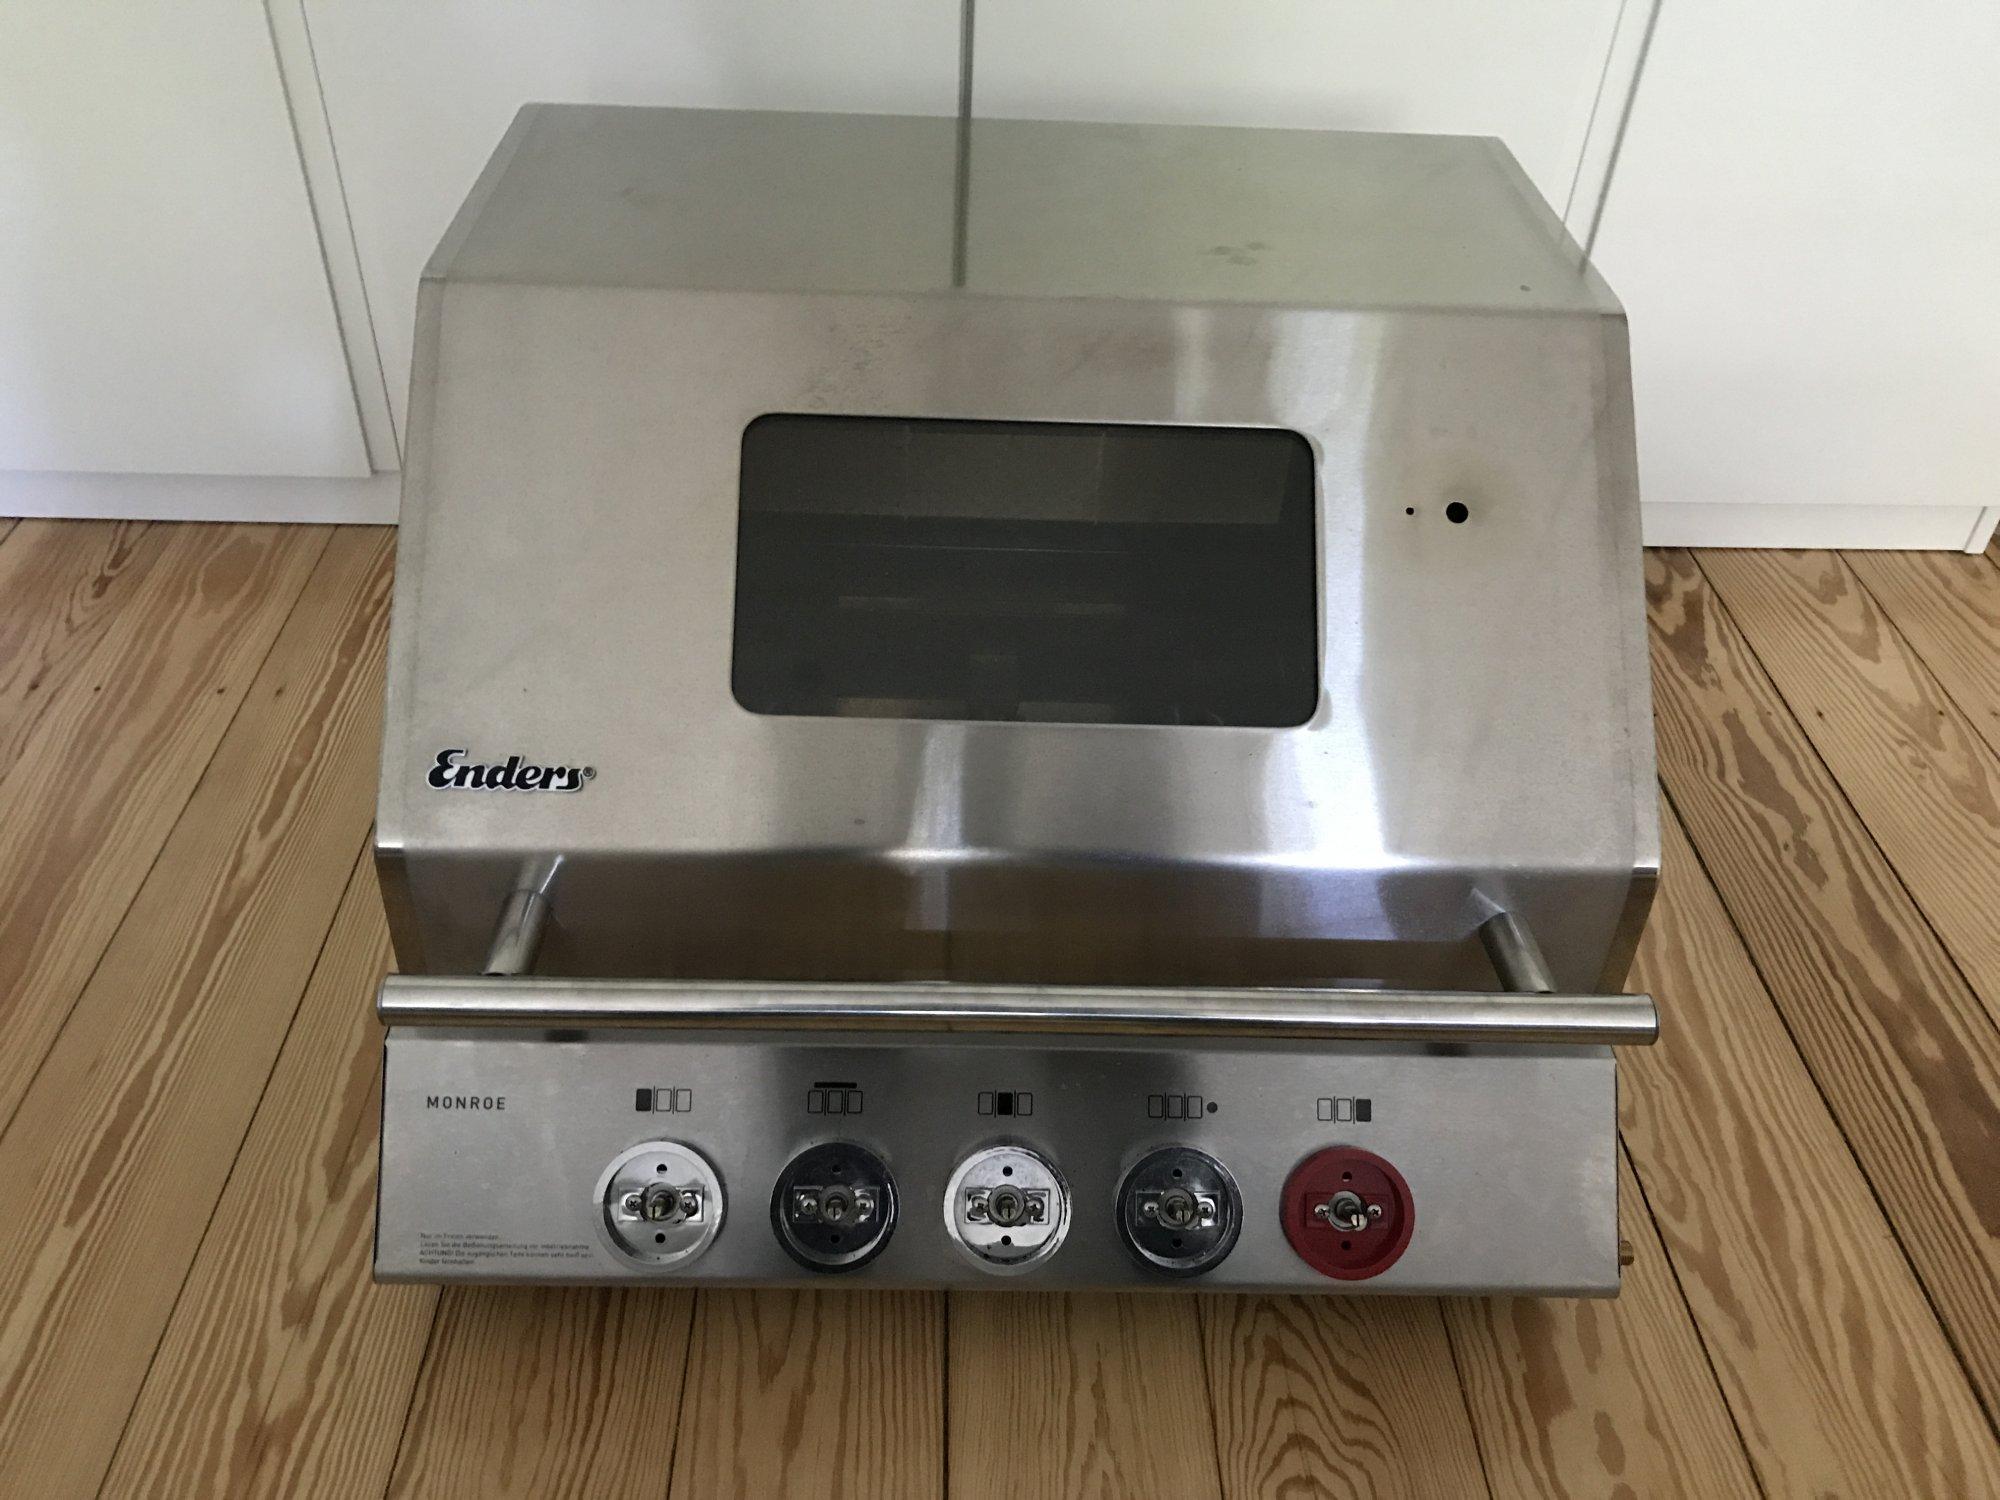 verkauft enders monroe 3 sik turbo grillbox 1x benutzt grillforum und bbq www. Black Bedroom Furniture Sets. Home Design Ideas